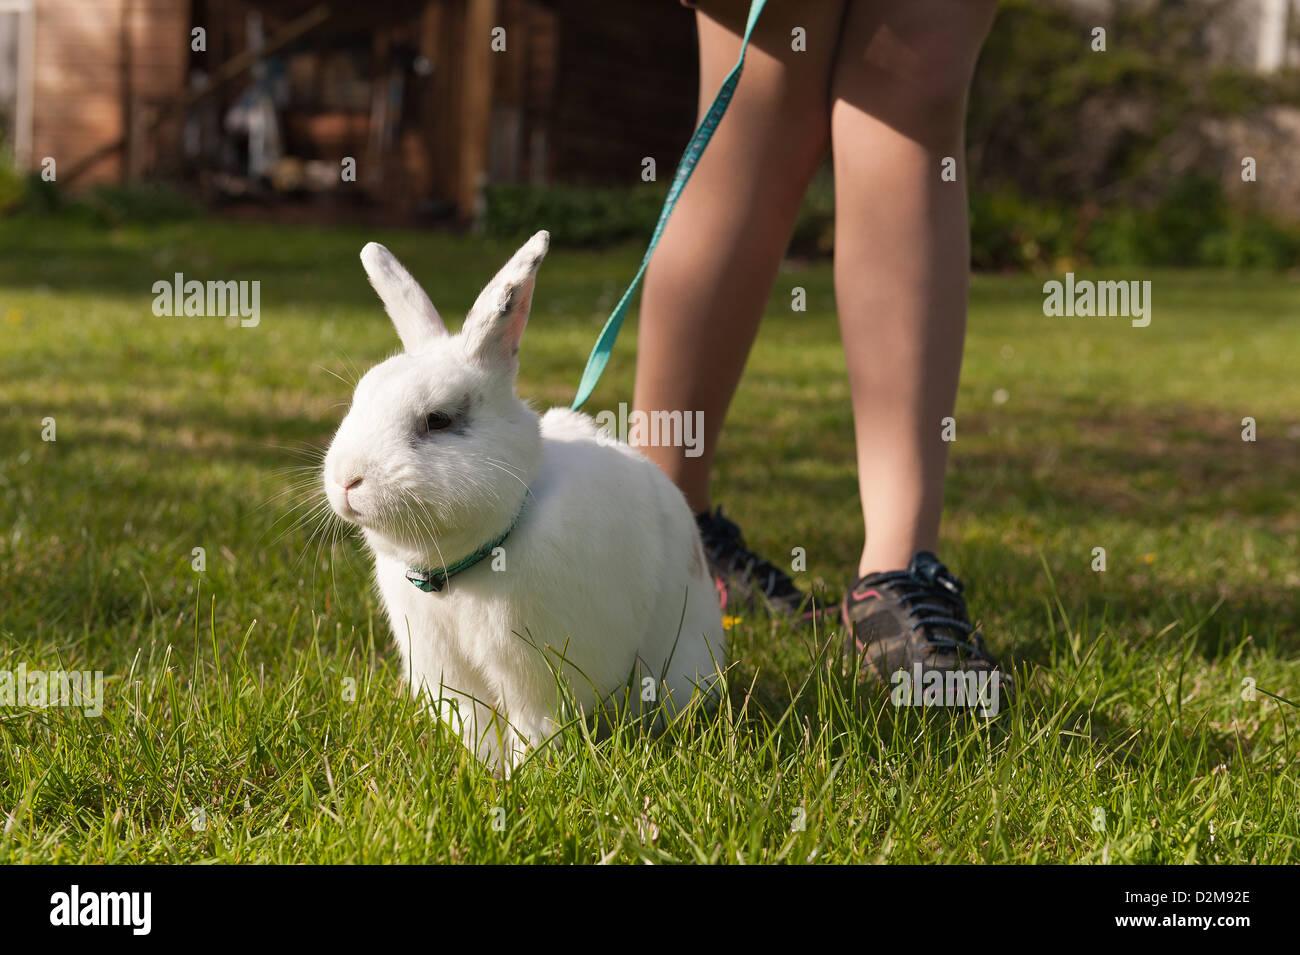 Adolescente ragazza camminare un inglese butterfly coniglio bianco su una derivazione su un prato con margherite Foto Stock